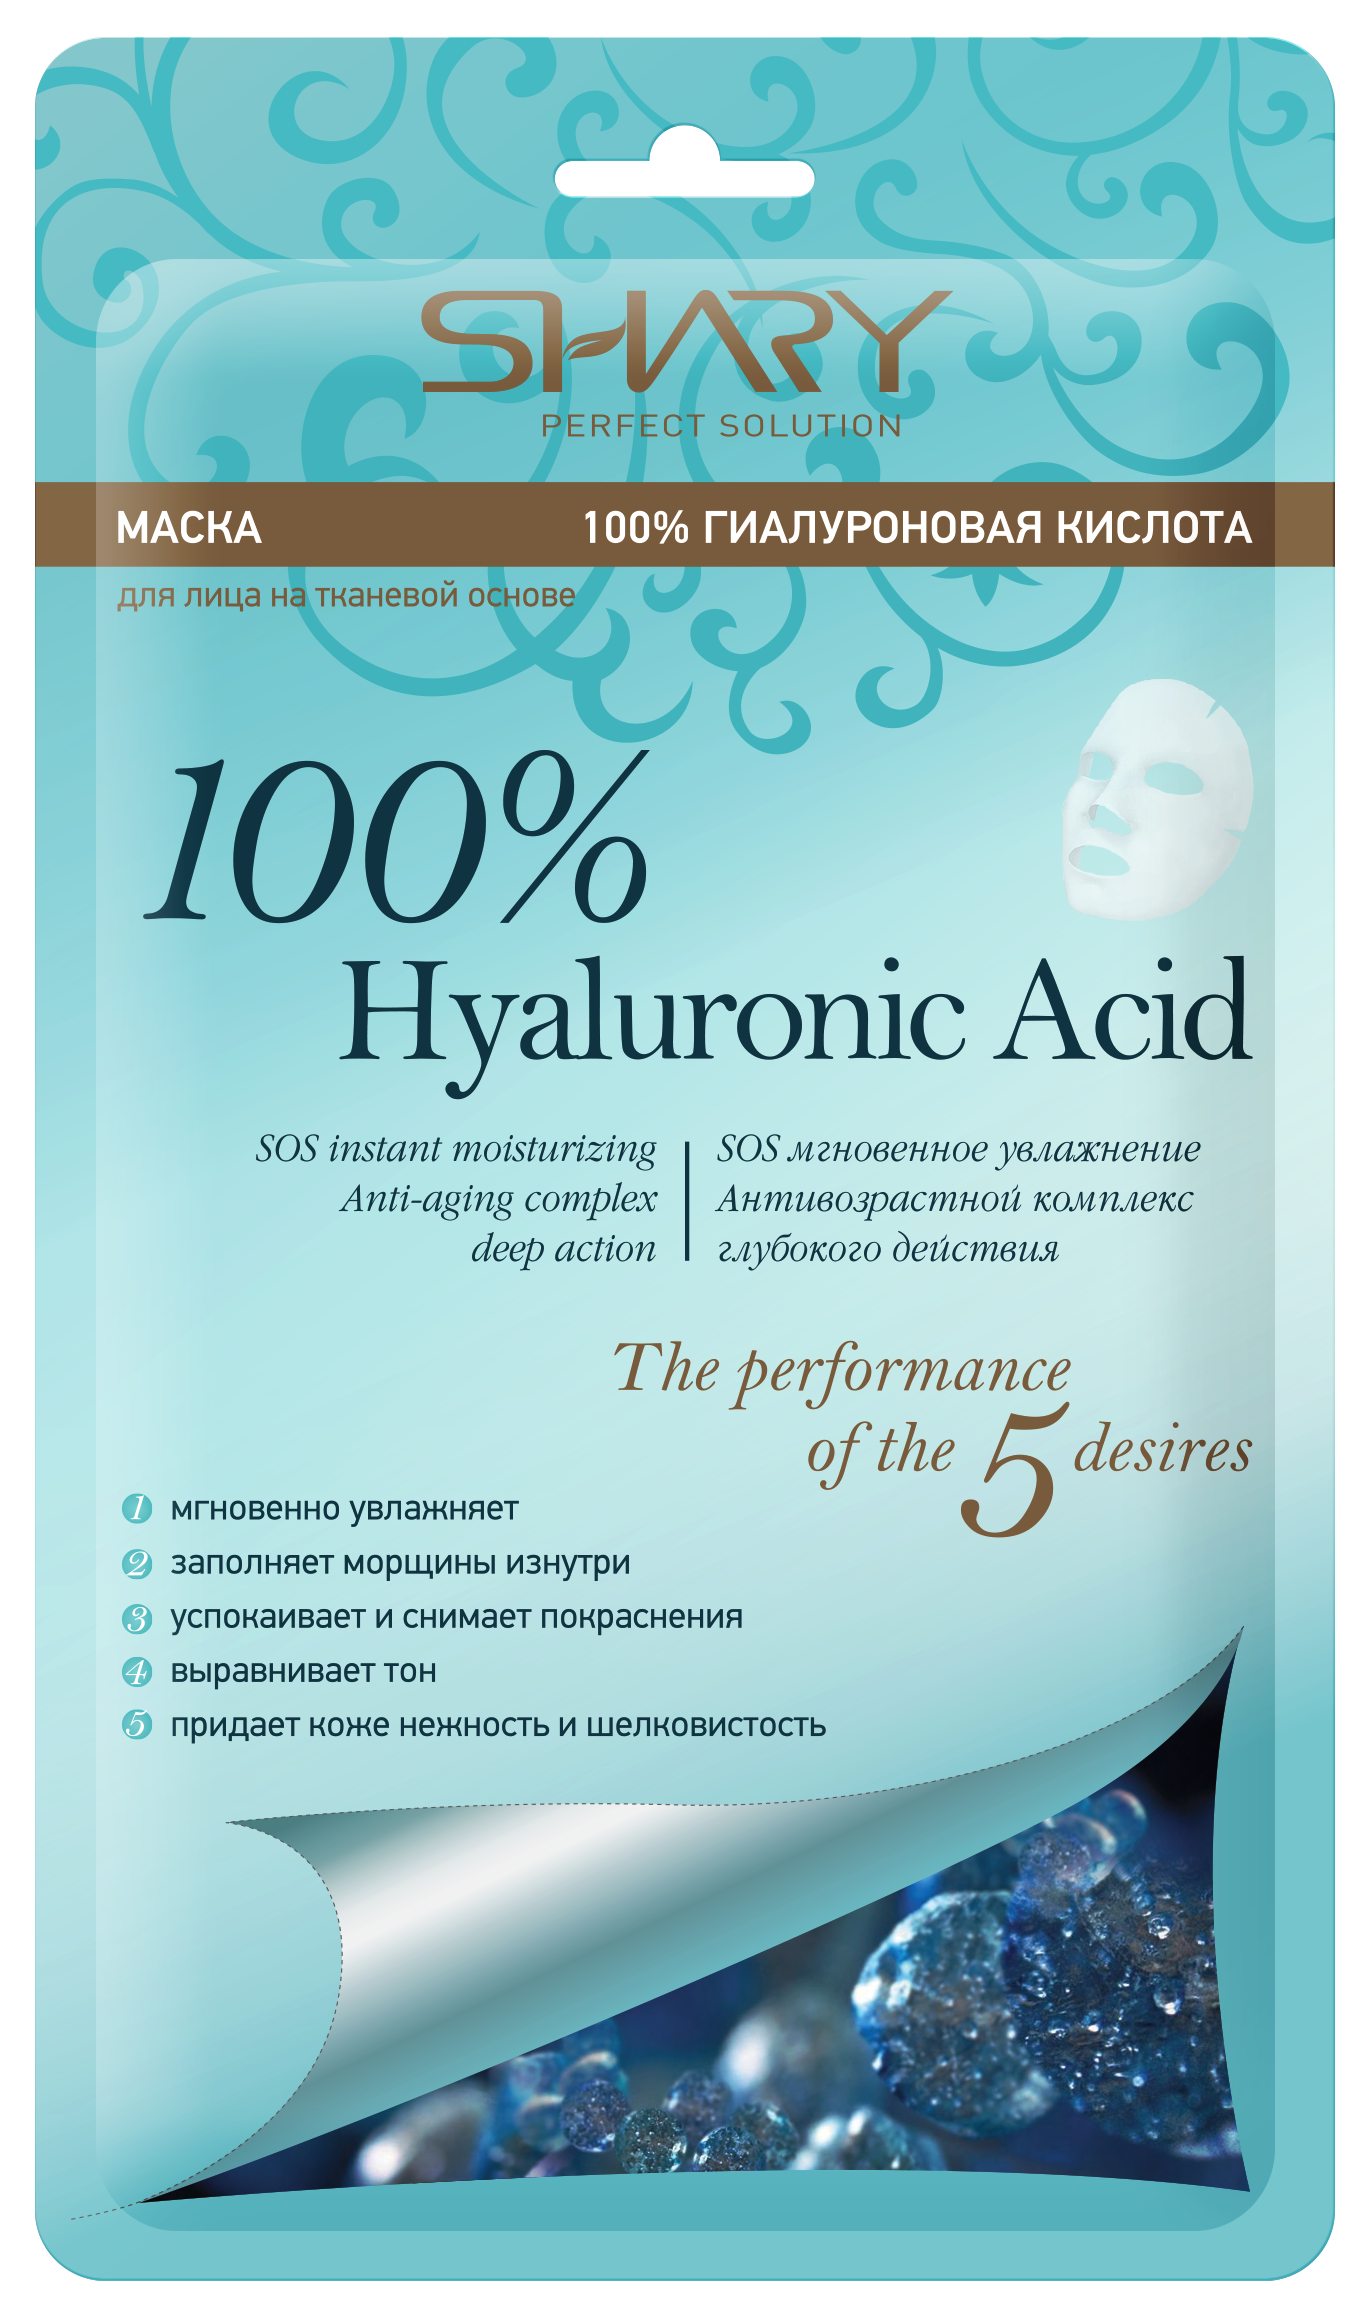 SHARY Маска для лица на тканевой основе 100% Гиалуроновая кислота / SHARY 20 гр